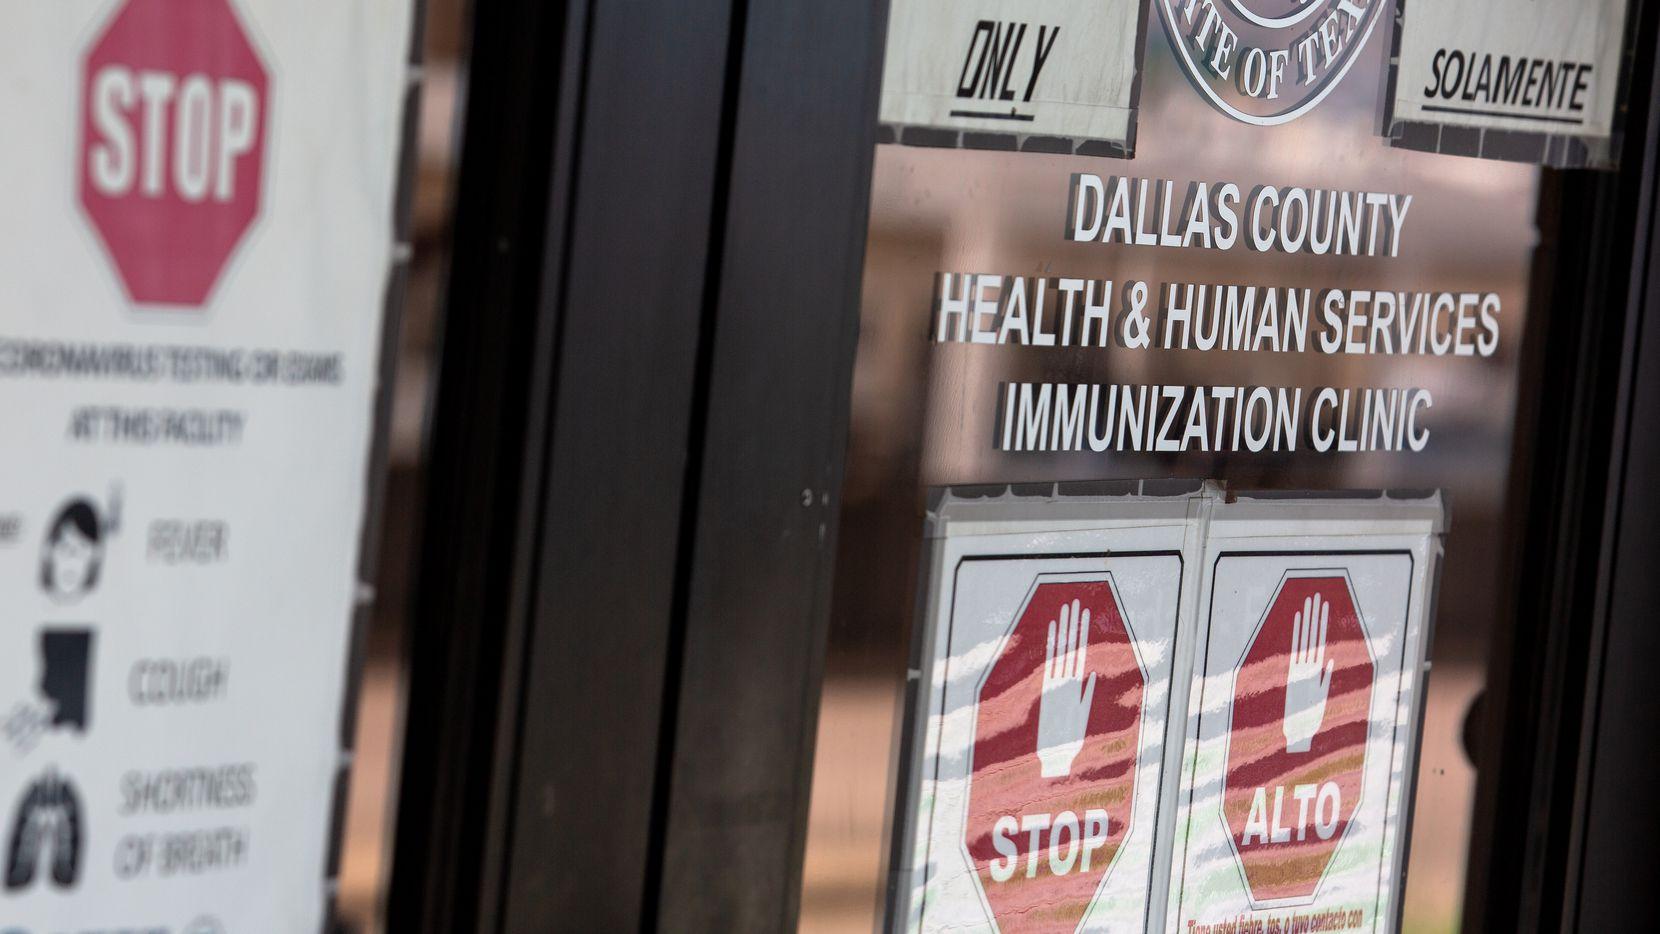 Jefferson-Oak Cliff Branch Immunization Clinic en Dallas, fotografiada el 15 de julio de 2021. Esta y otras clínicas del Departamento de Salud y Servicios Humanos del Condado de Dallas están abiertas de 8 a.m. a 4 p.m. de lunes a viernes para distribuir las vacunas que requieren los estudiantes de kínder a doceavo grado.